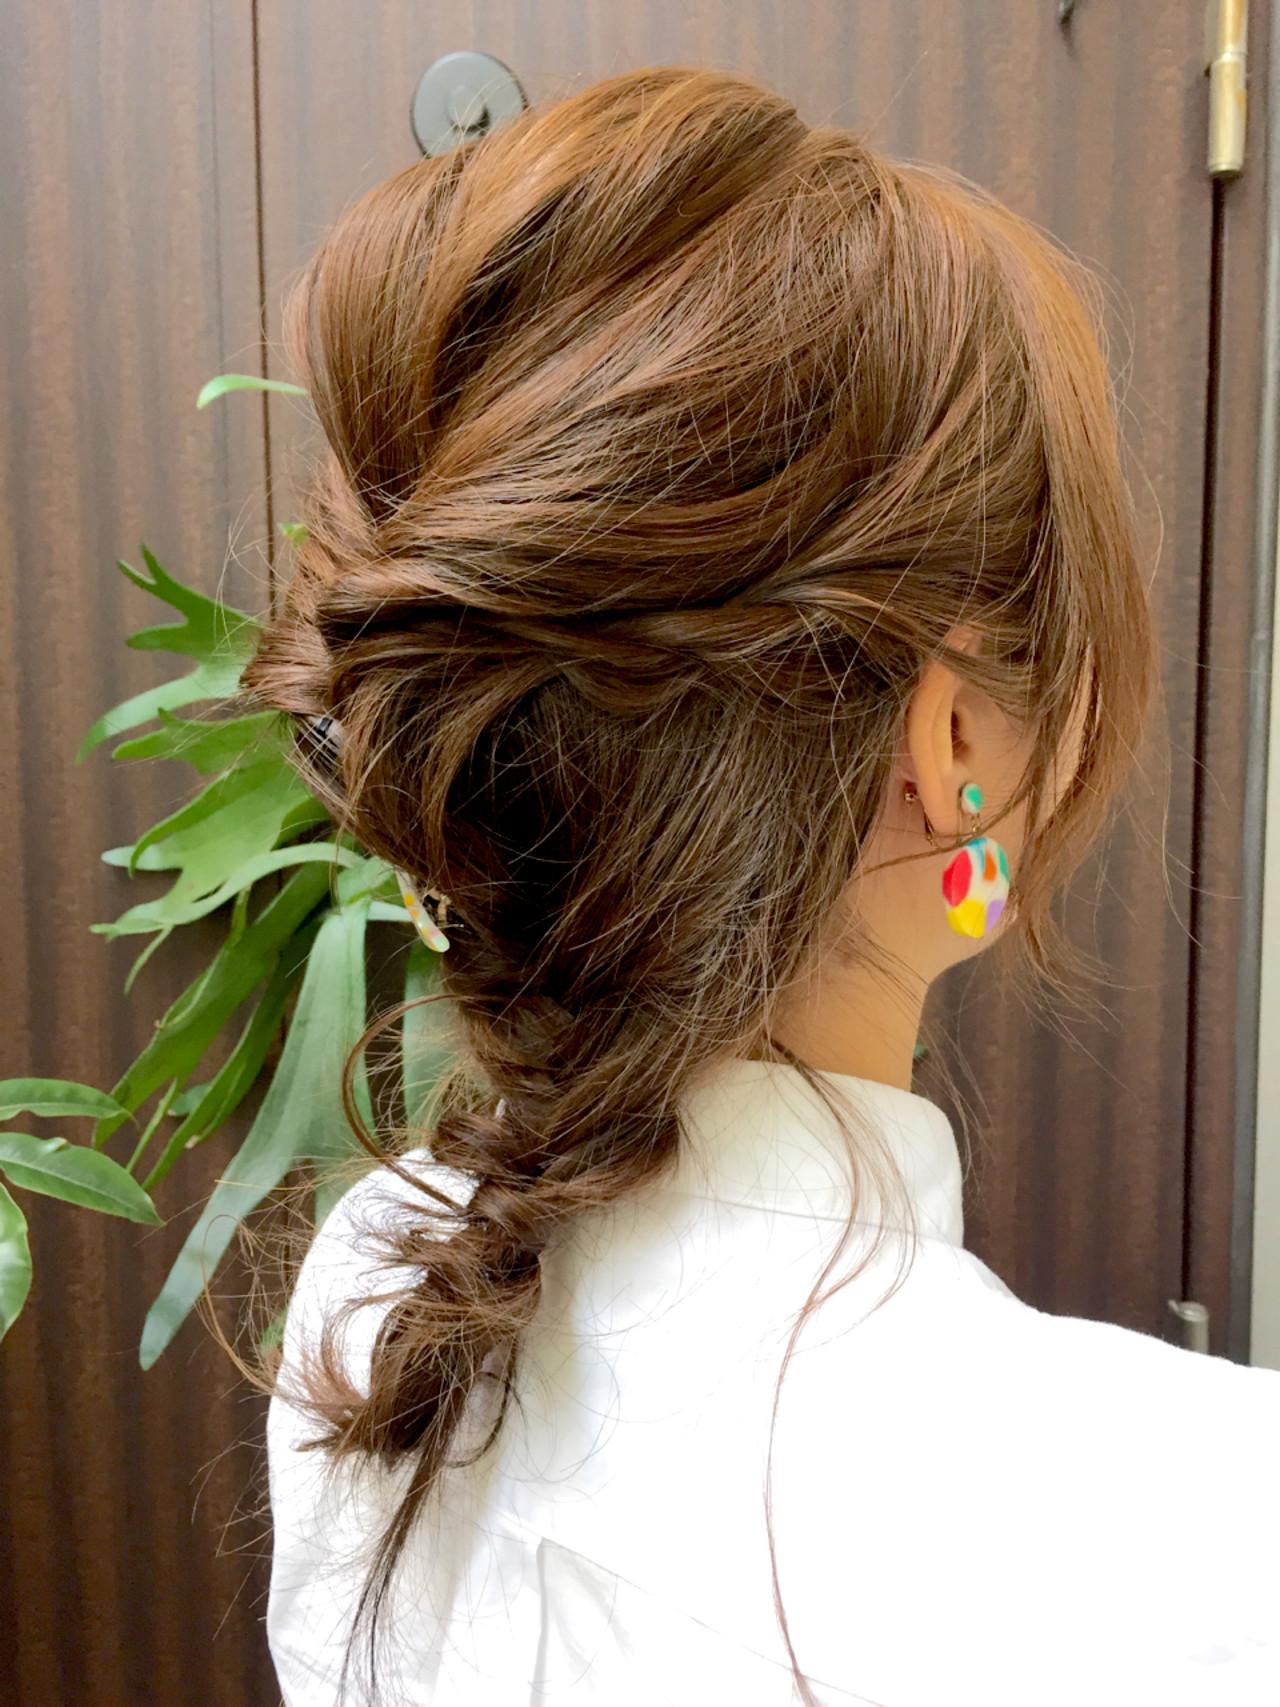 ハイライト セミロング ショート 夏 ヘアスタイルや髪型の写真・画像 | 荒岡 真由美 / パドドゥリュクス